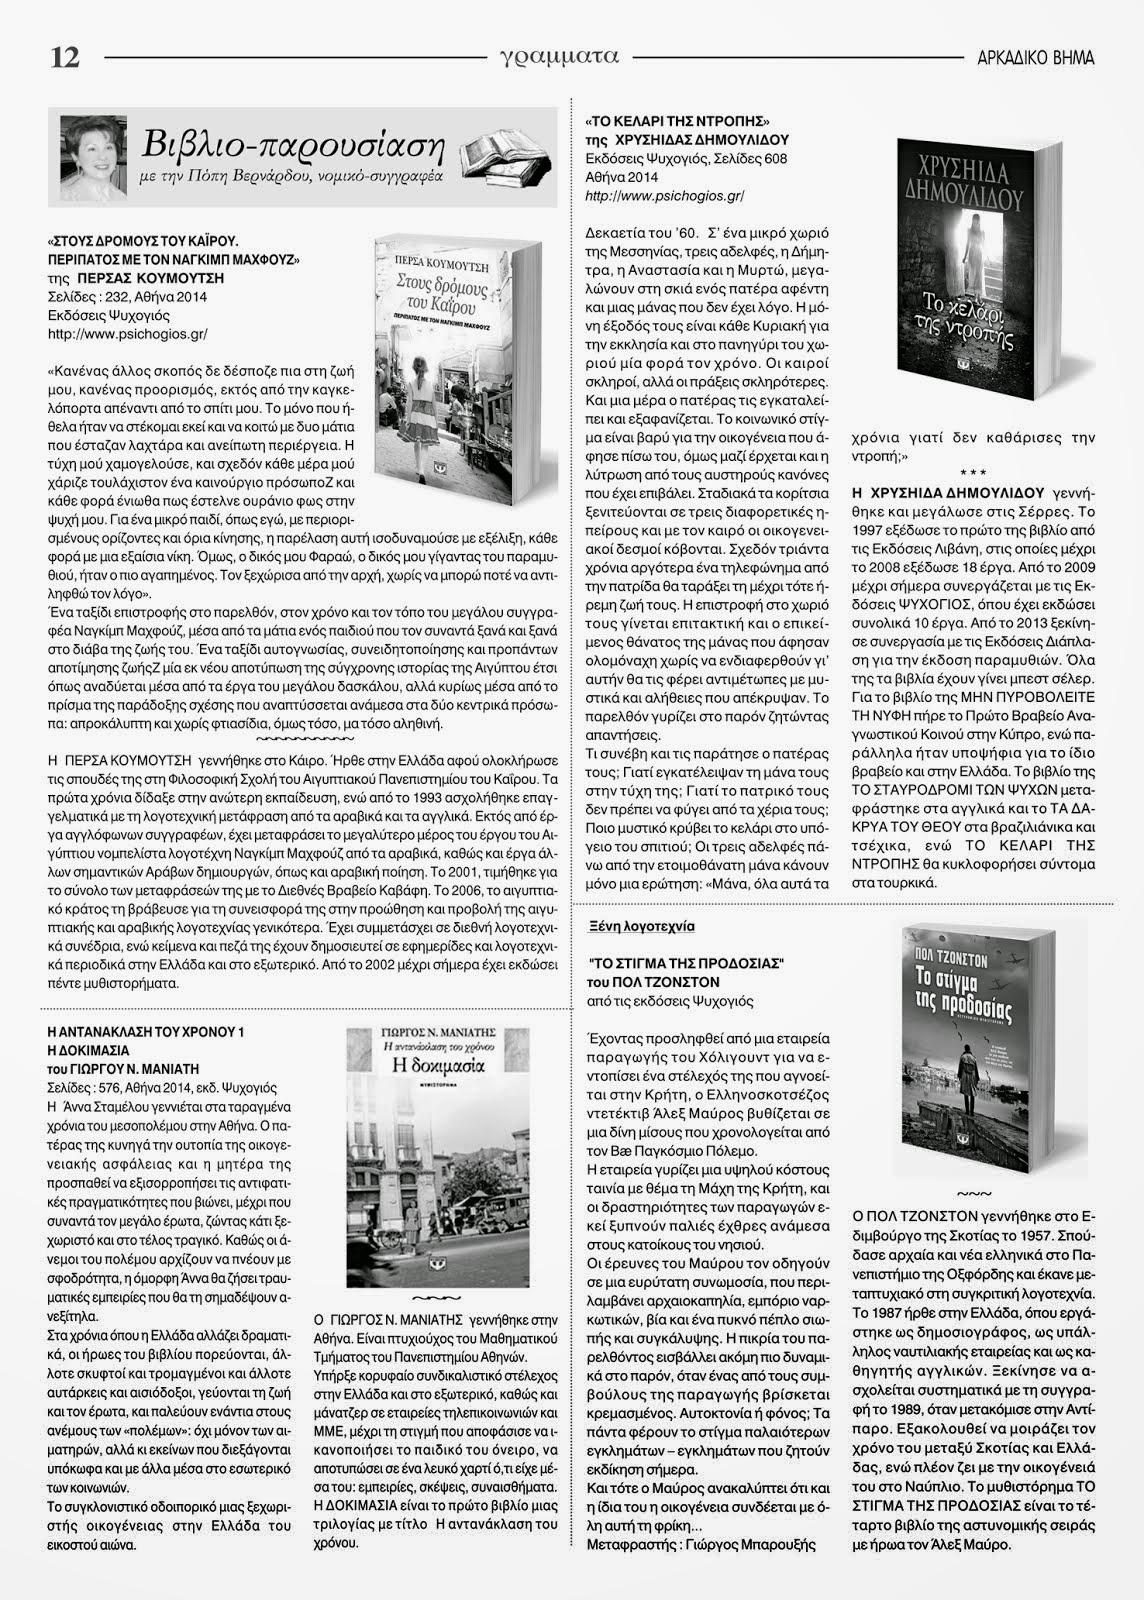 ΑΡΚΑΔΙΚΟ ΒΗΜΑ: Κάθε μήνα μια σελίδα με τα νέα βιβλία